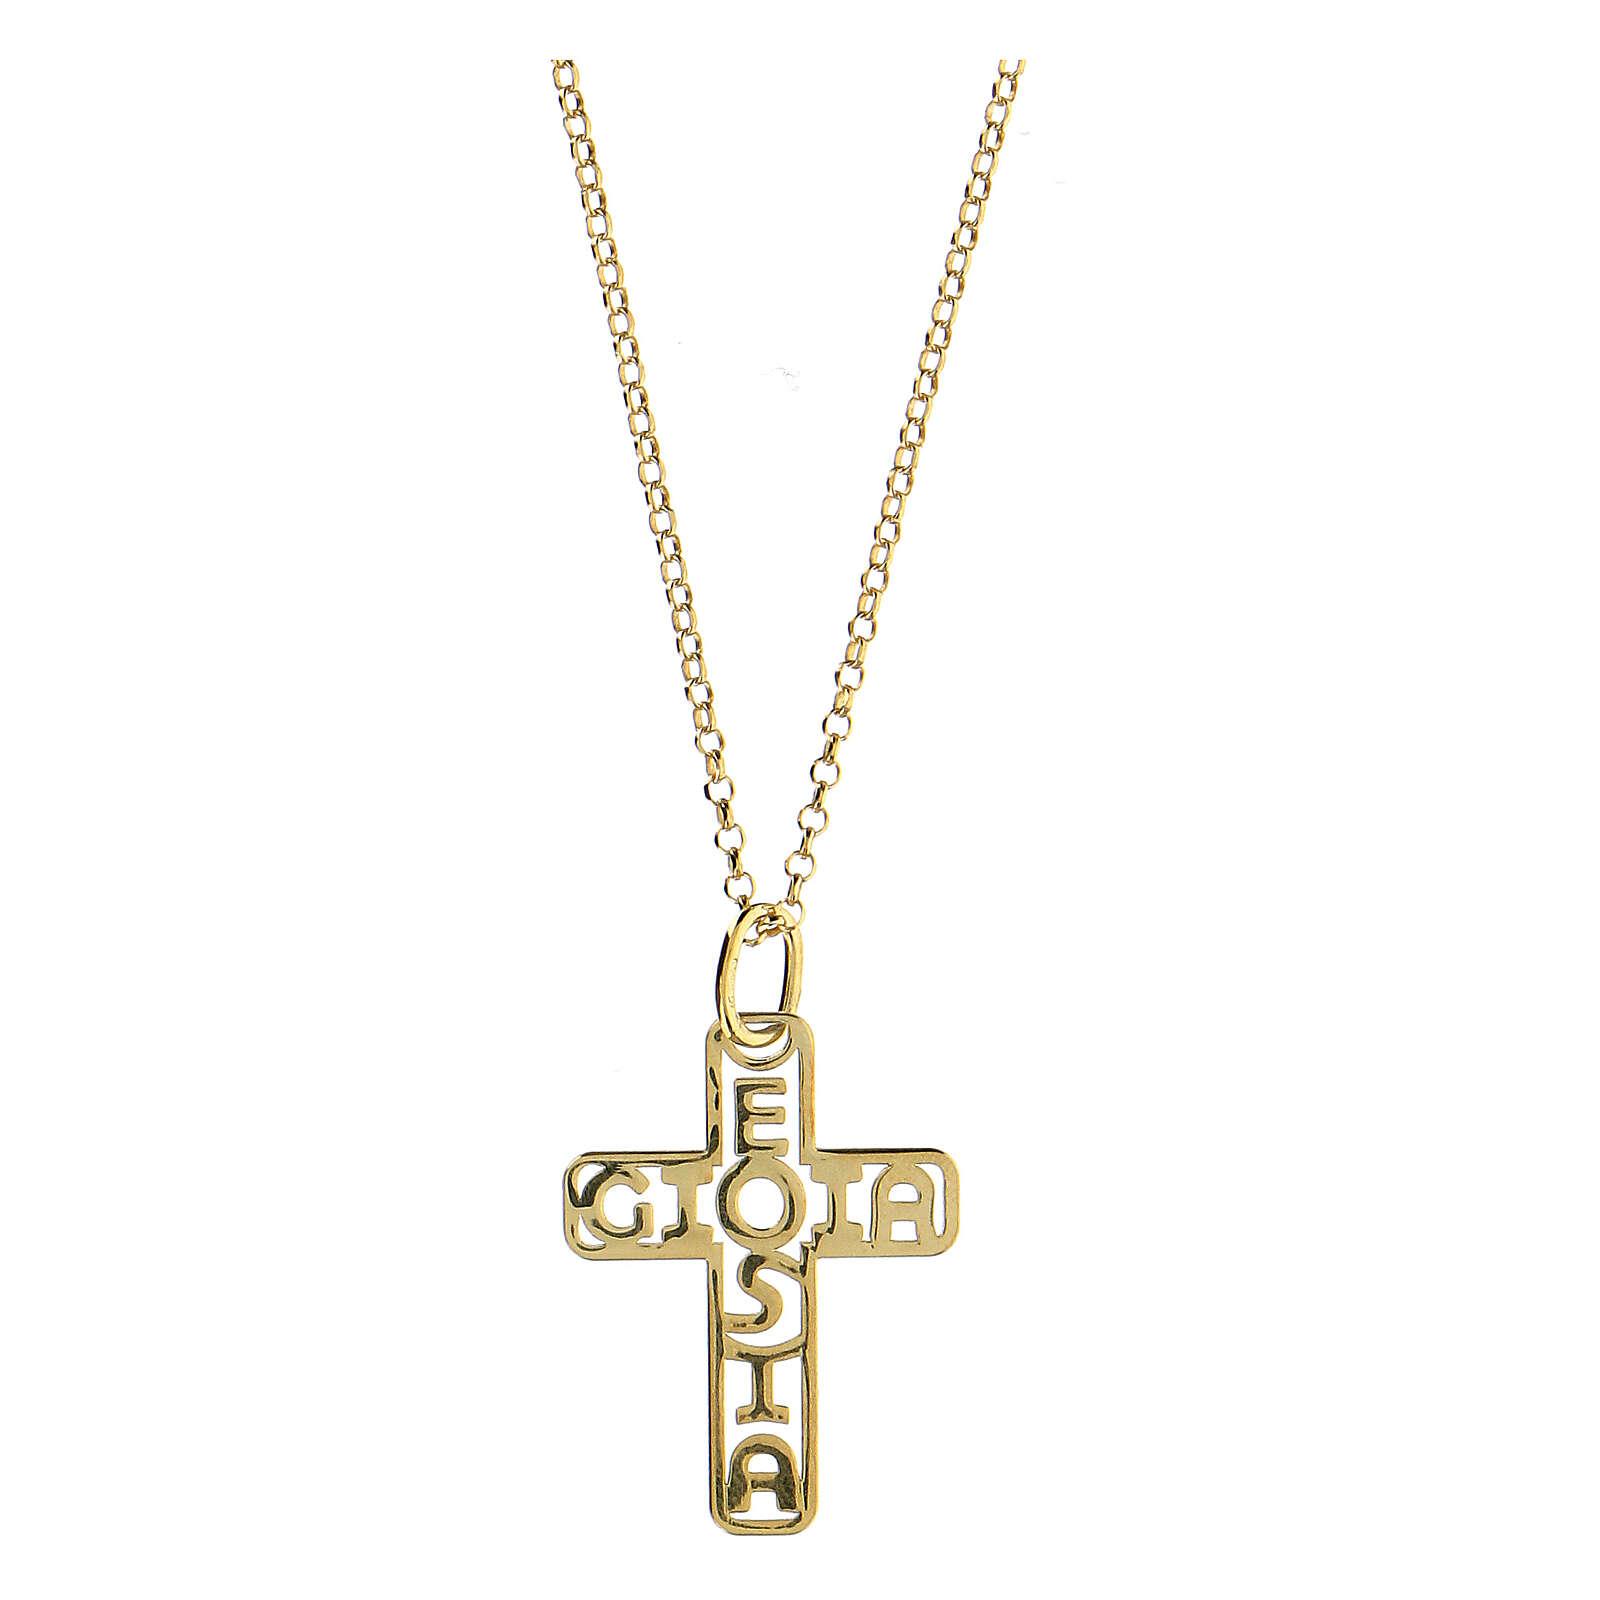 Croix argent 925 doré E Gioia Sia fond ajouré grande 4